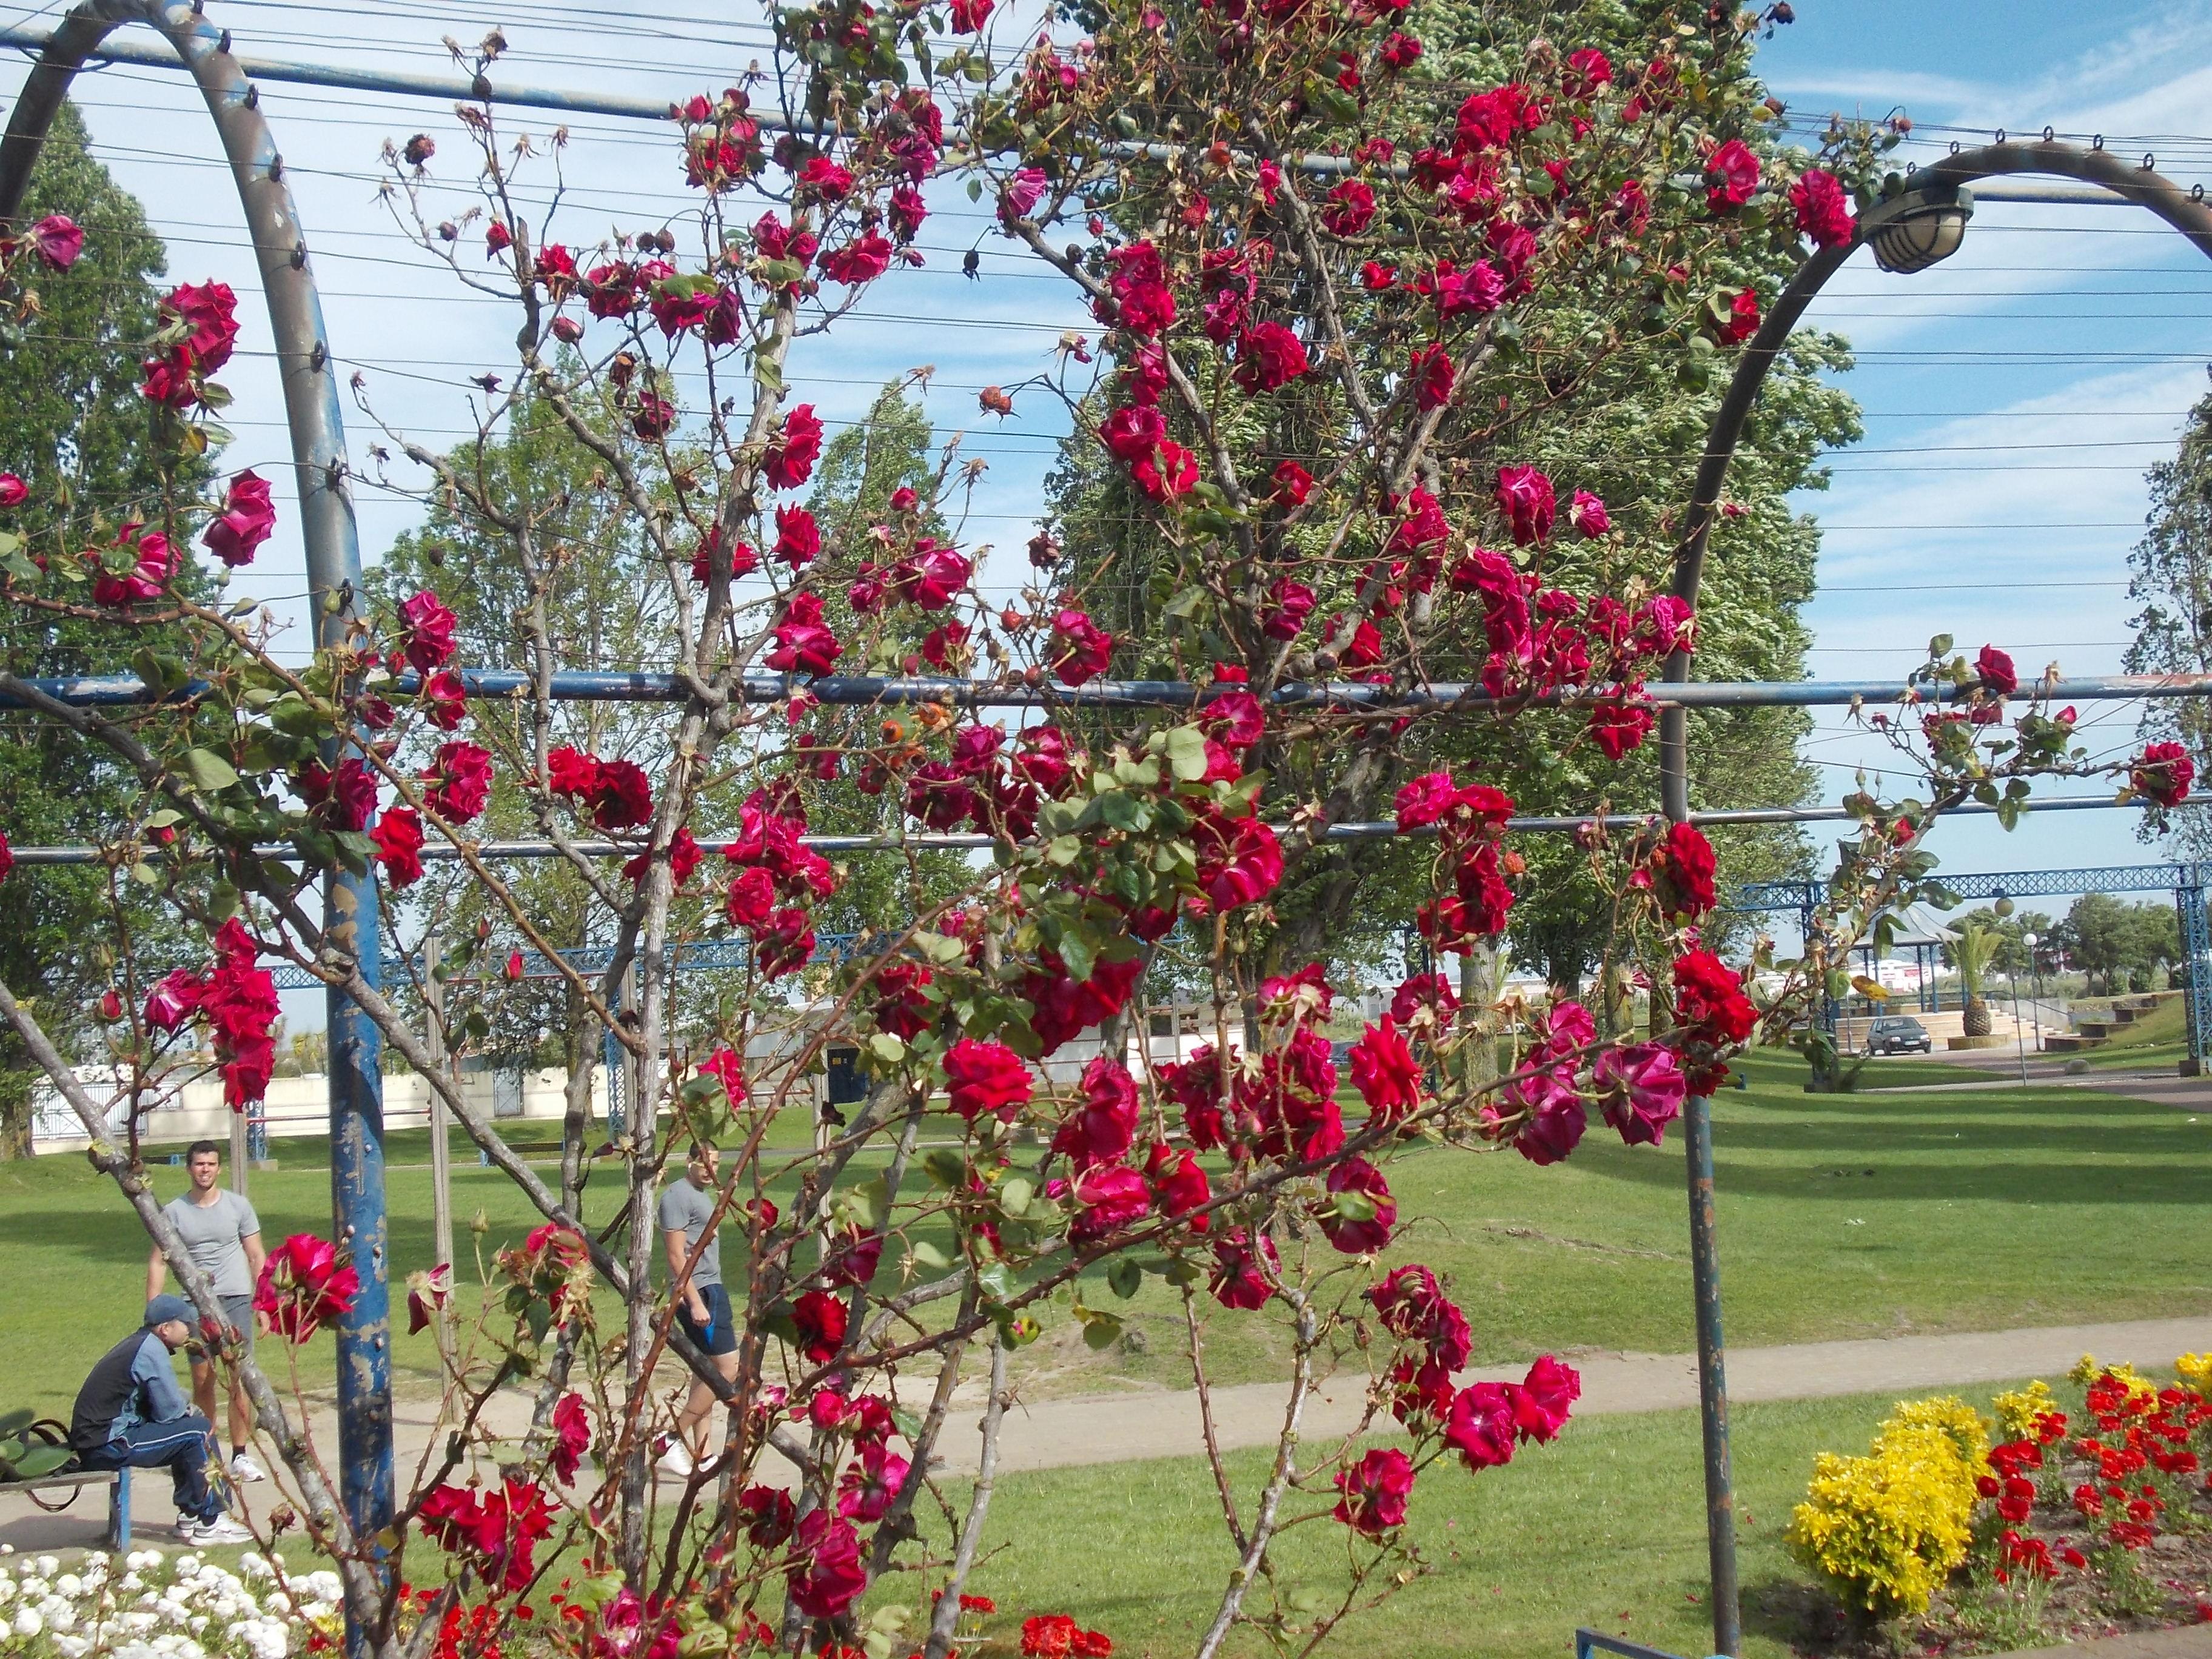 jardim rosas vermelhas:Rosas Vermelhas